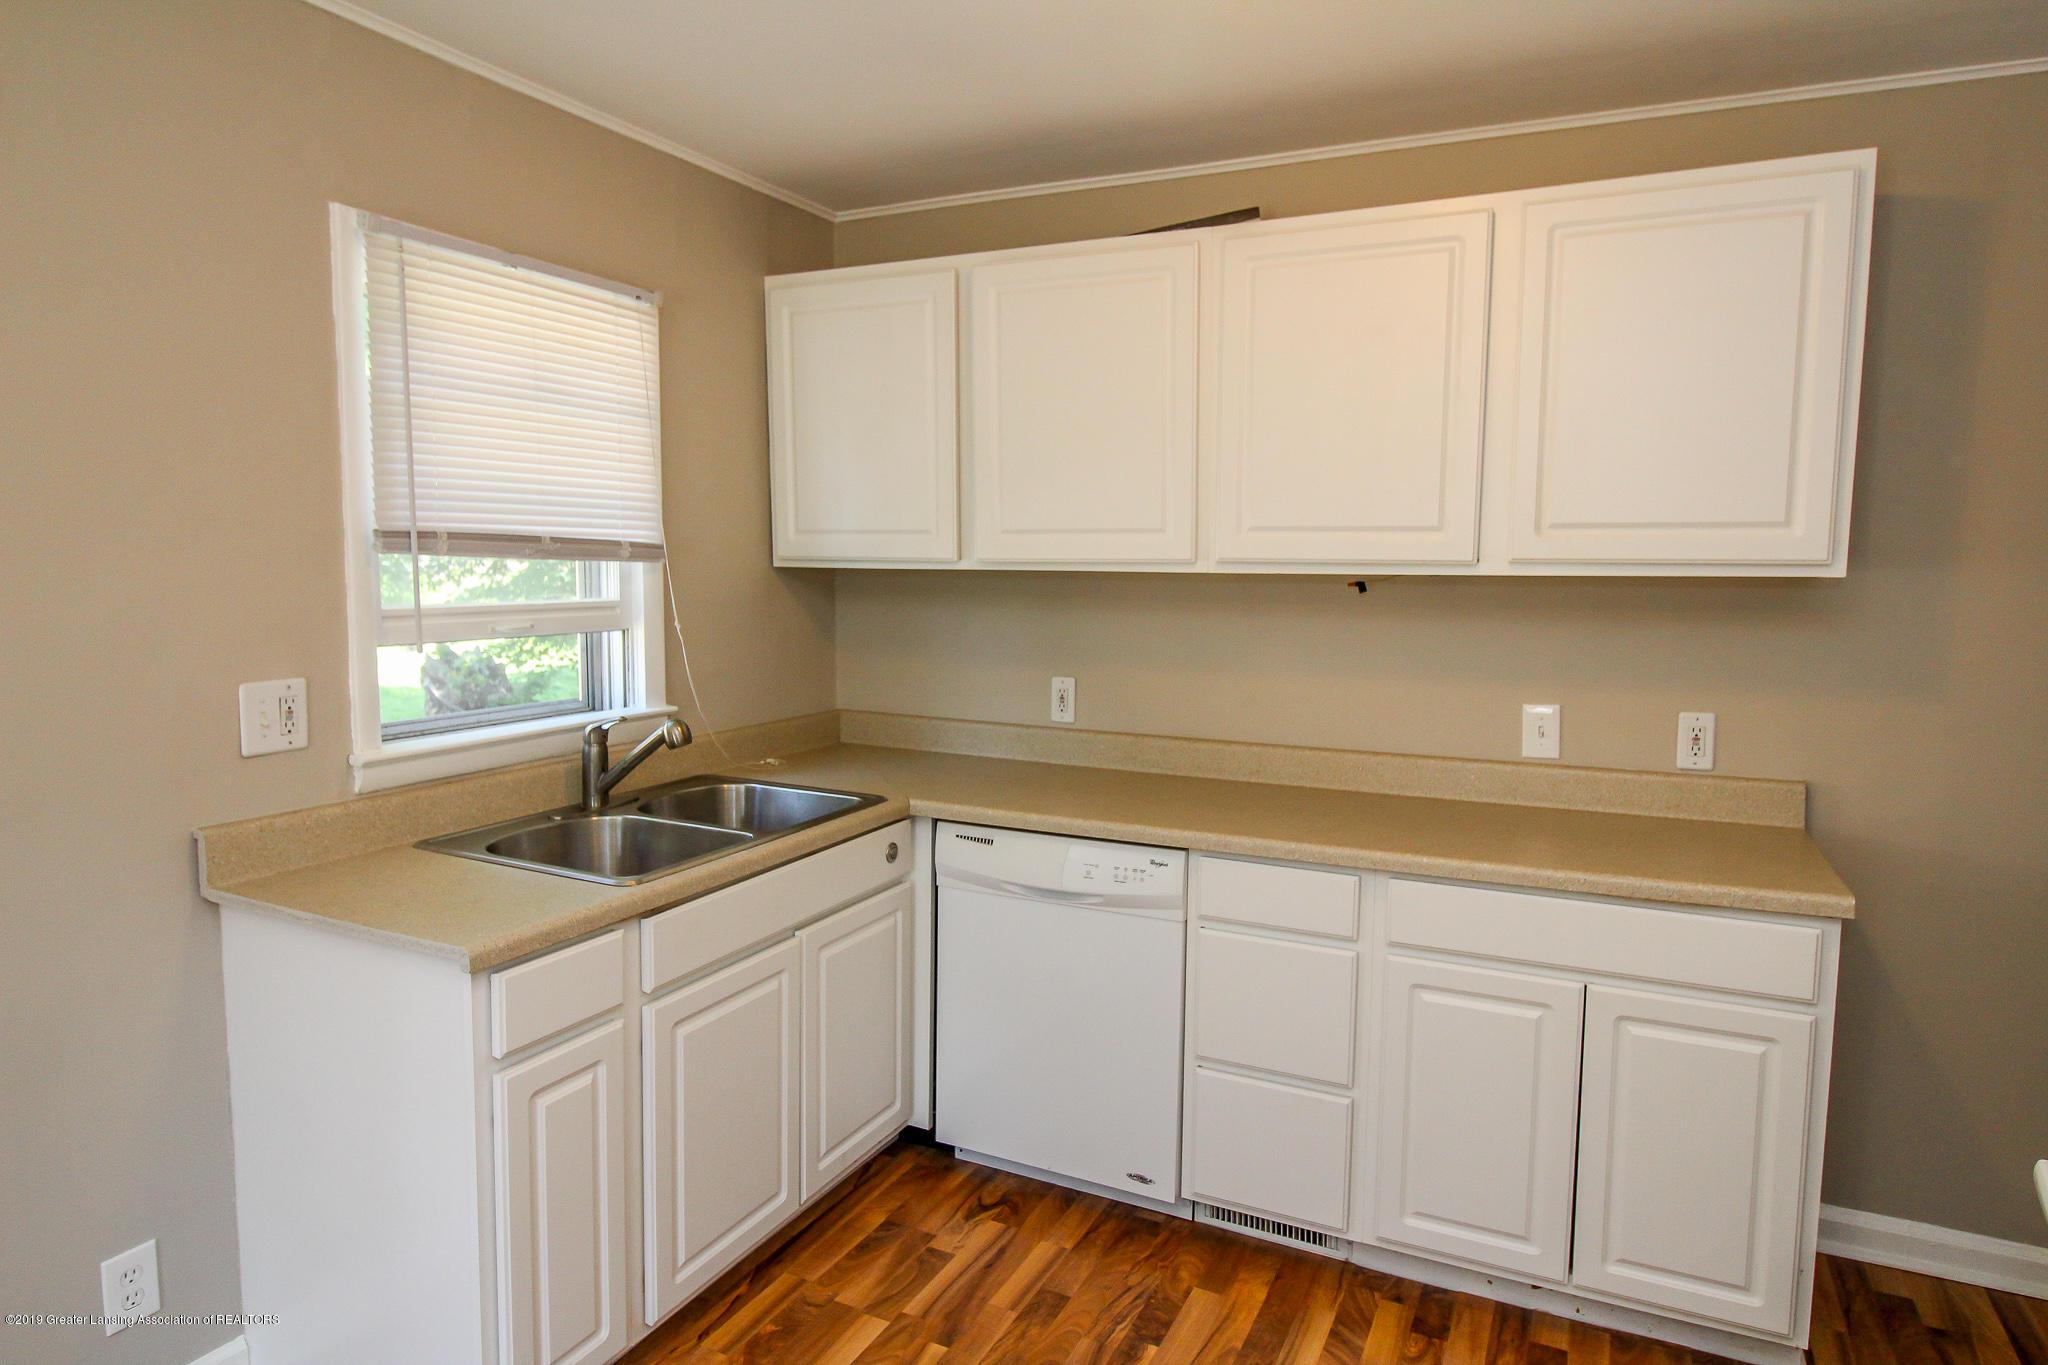 124 Northlawn Ave - 13 Kitchen 1 - 10